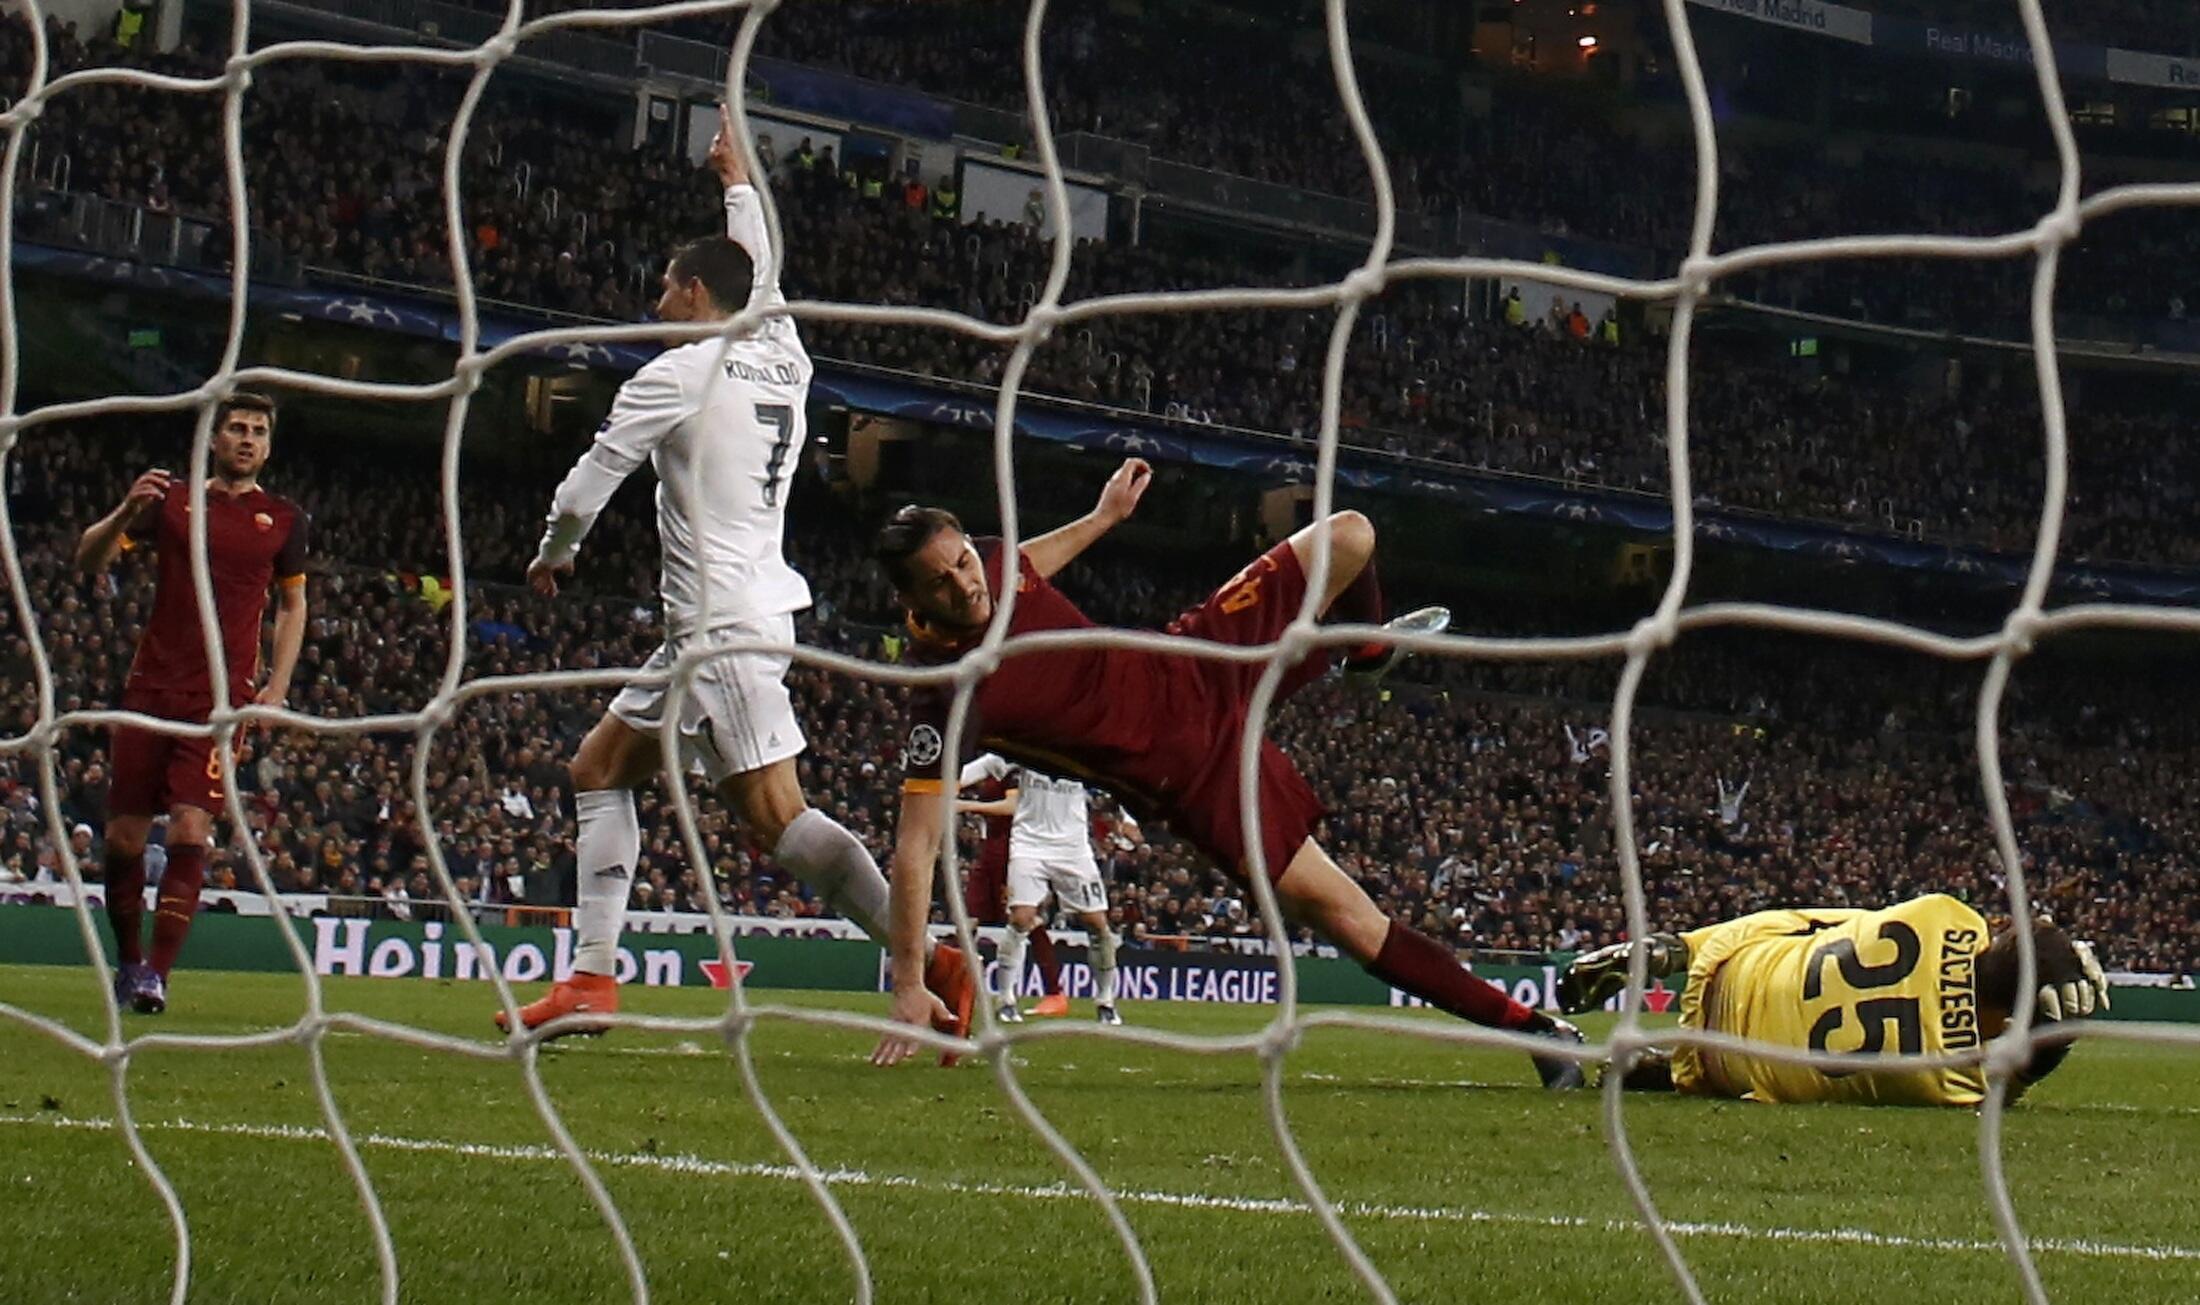 Cristiano Ronaldo da James Rodriguez ne suka jefa wa Madrid kwallayenta a ragar Roma.